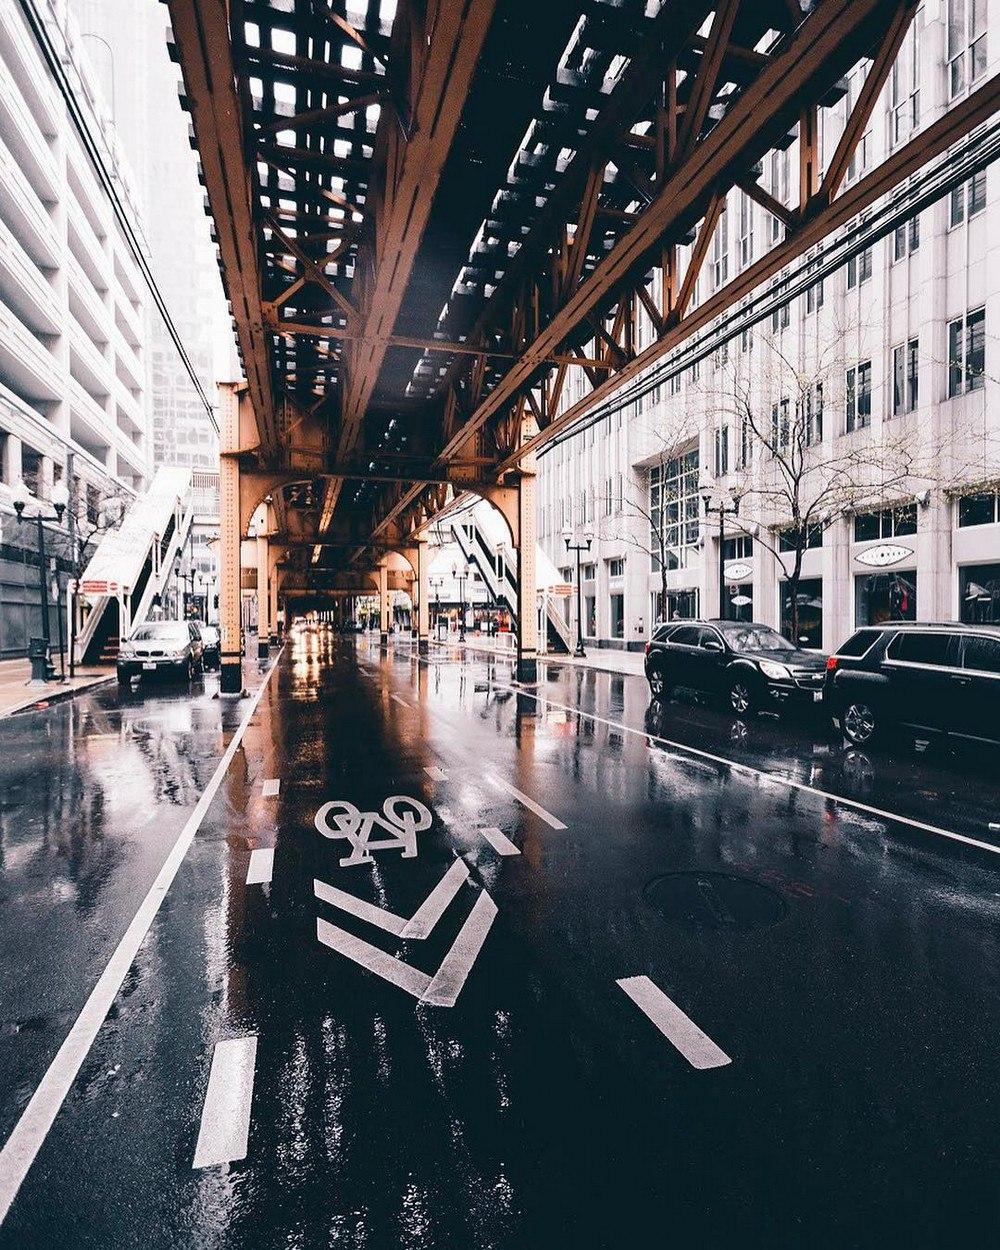 ubt3gNKtQUU - Шедевры архитектурной и городской фотографии